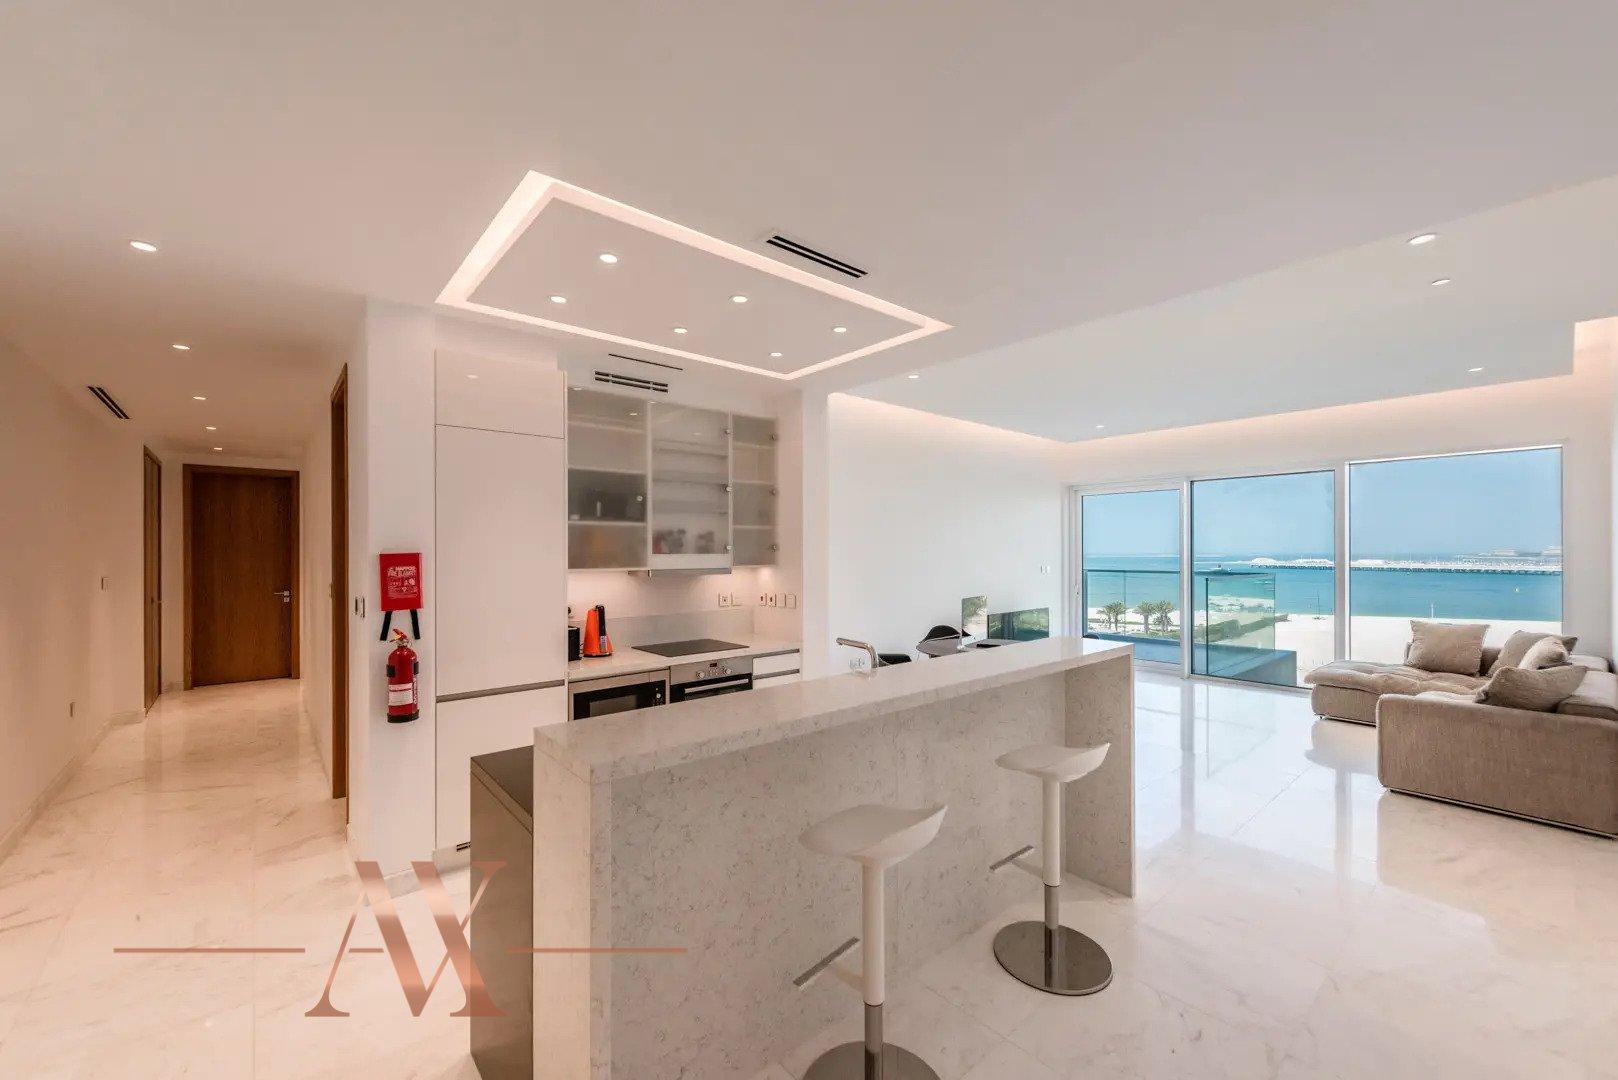 1/JBR, Jumeirah Beach Residence, Dubai, EAU – foto 5